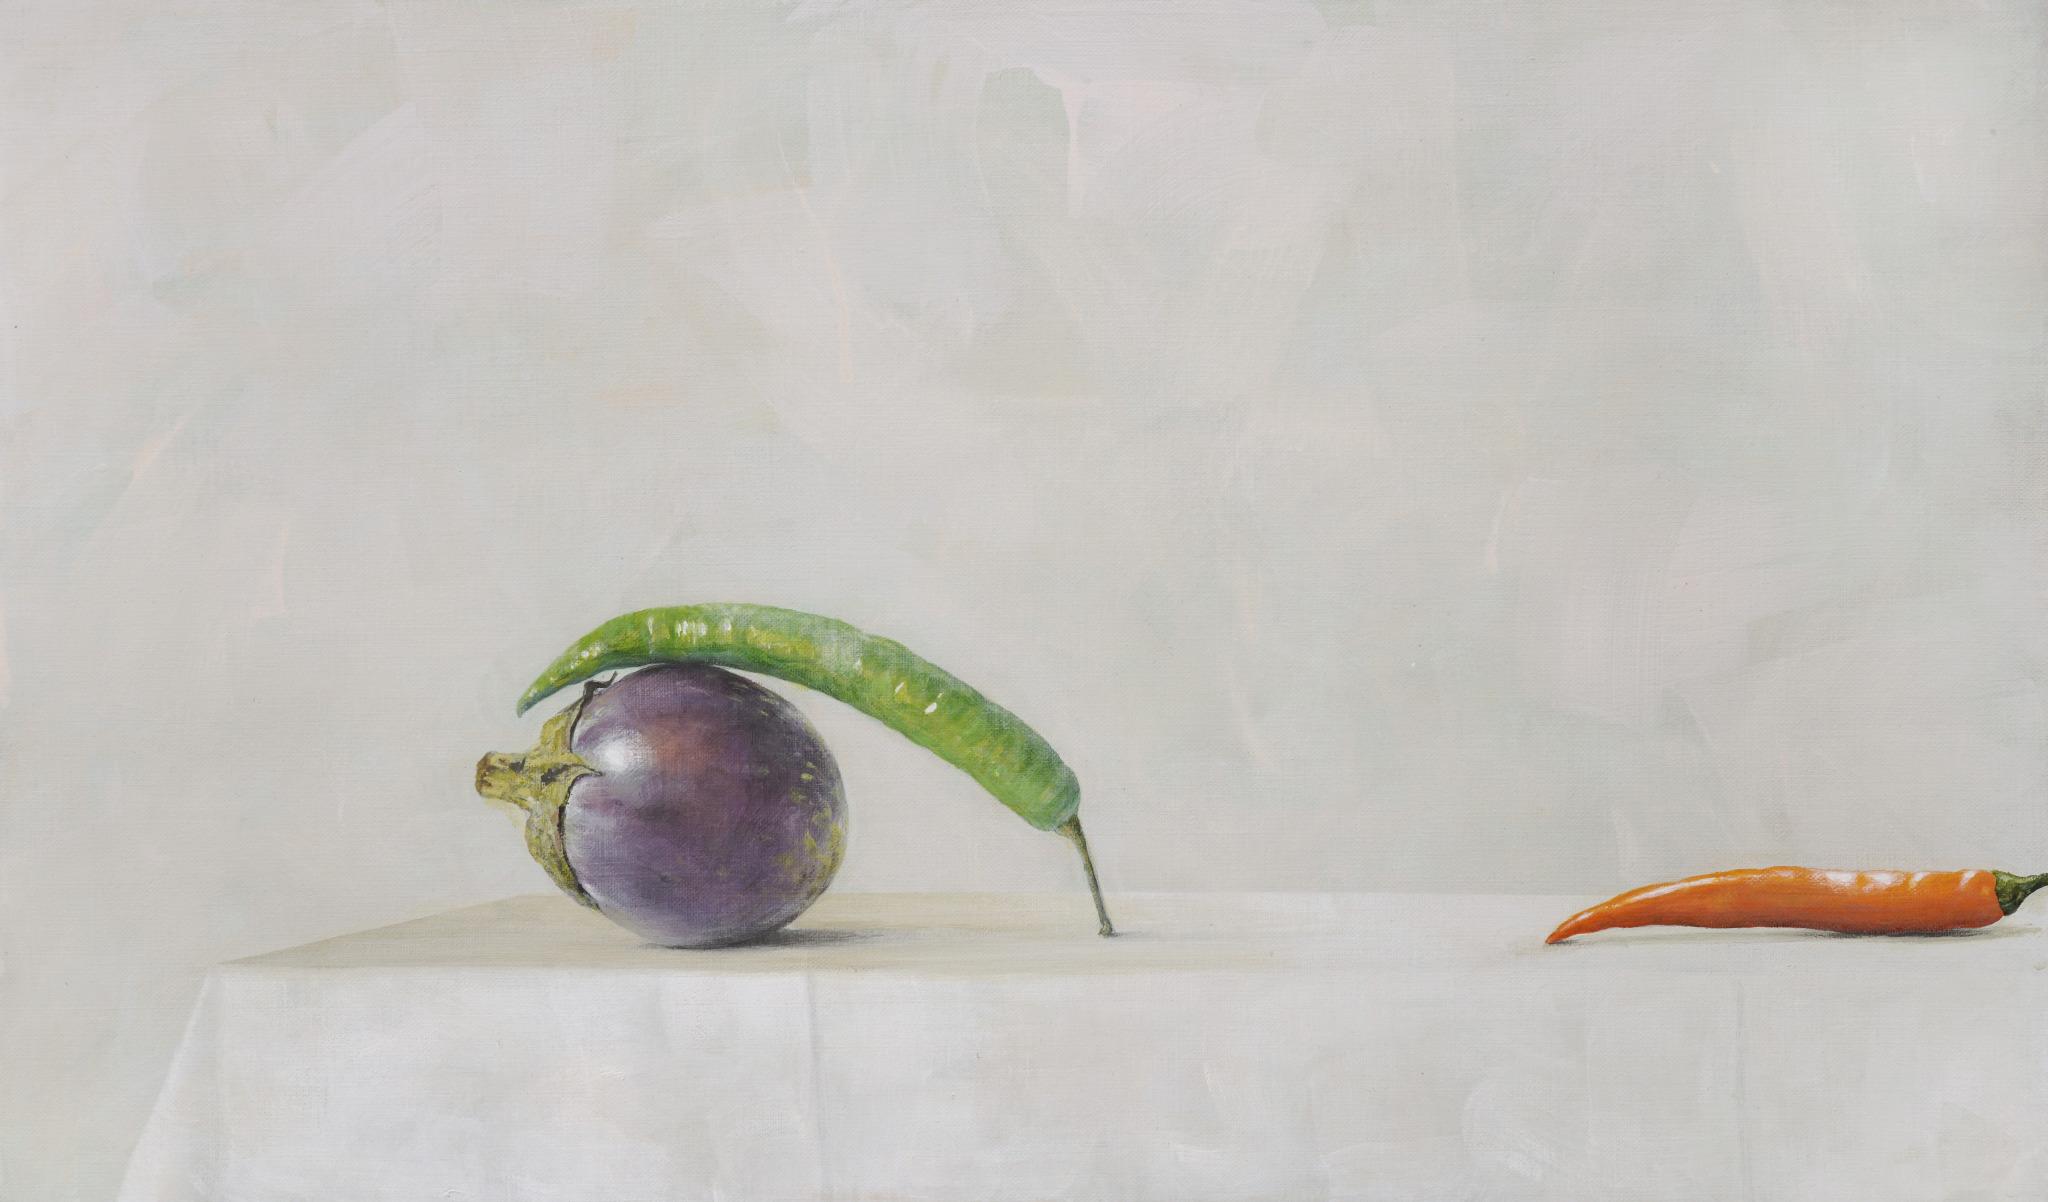 eggplant, 2 chillis jpeg.jpg